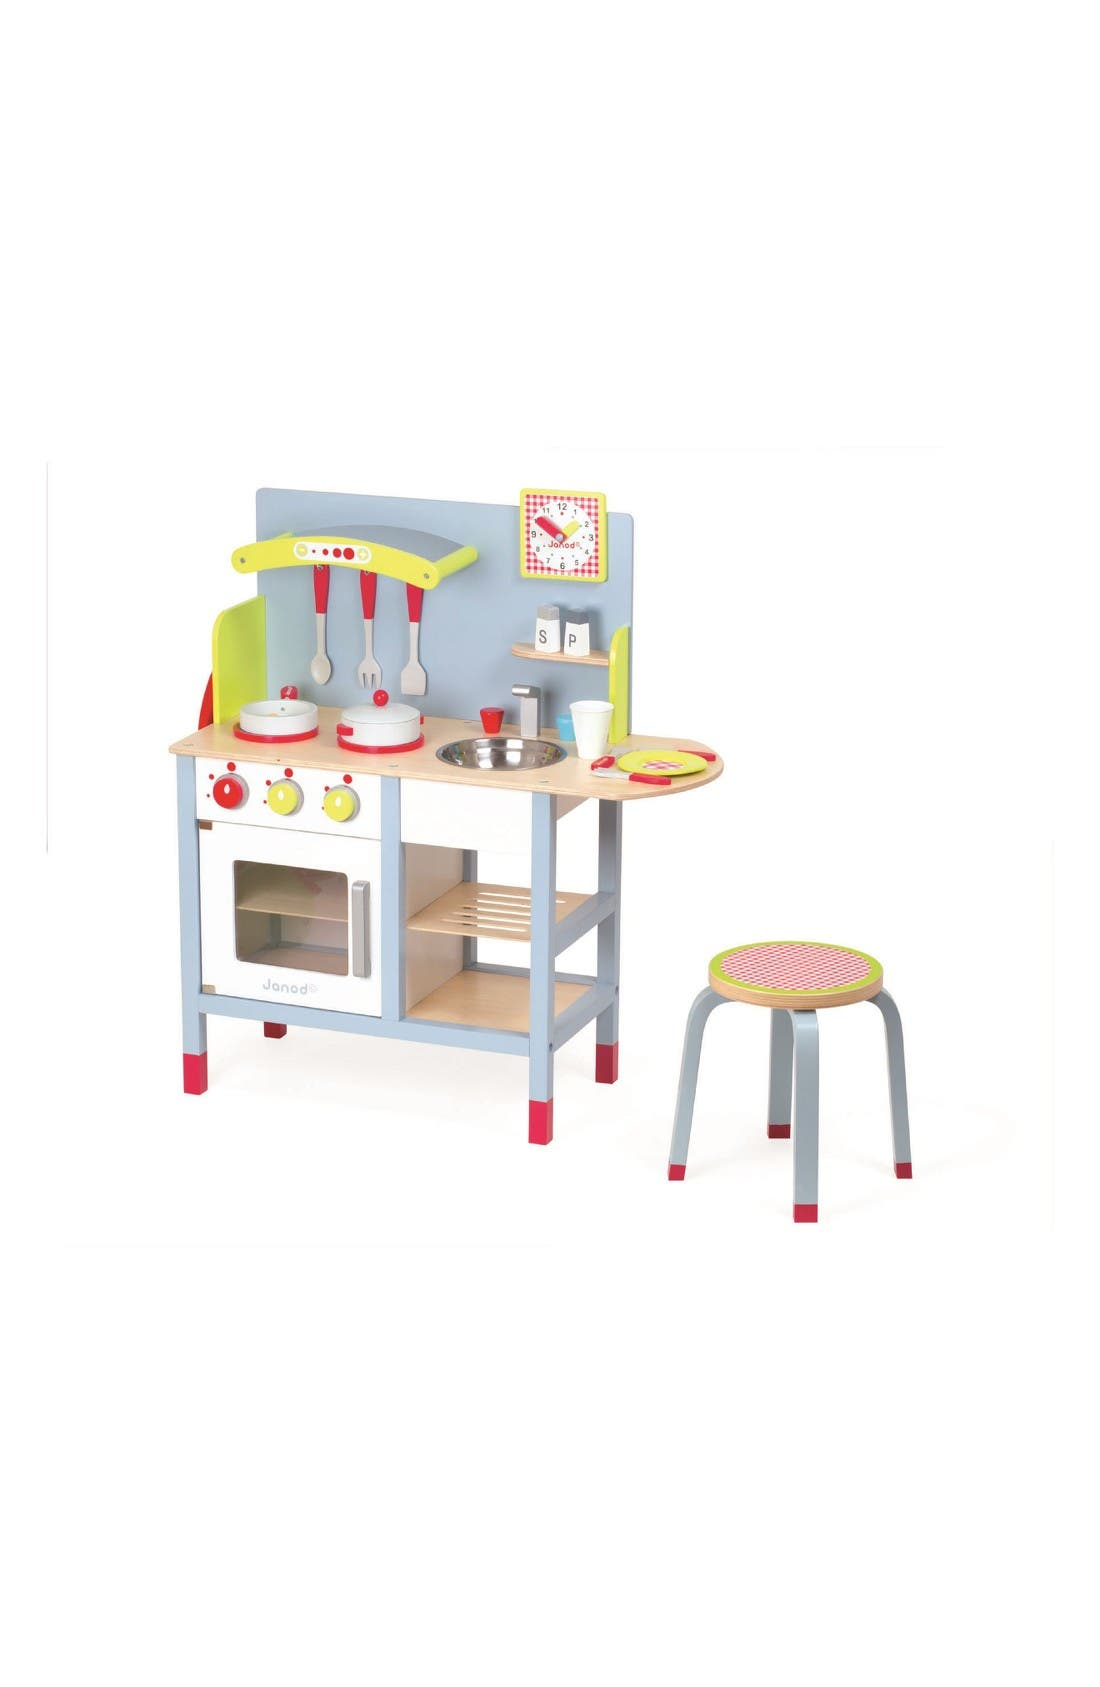 Janod Kitchen Play Set